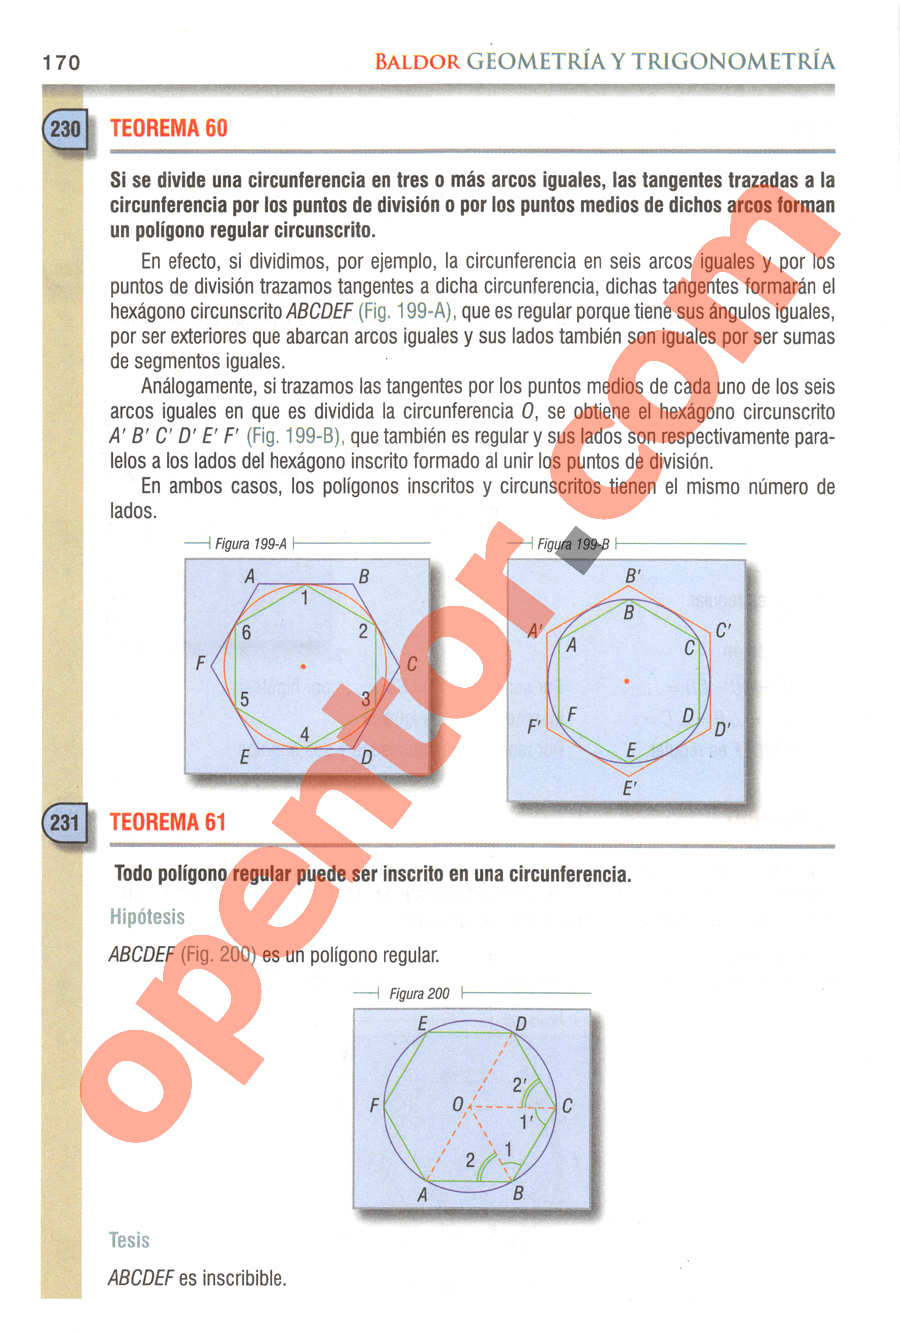 Geometría y Trigonometría de Baldor - Página 170